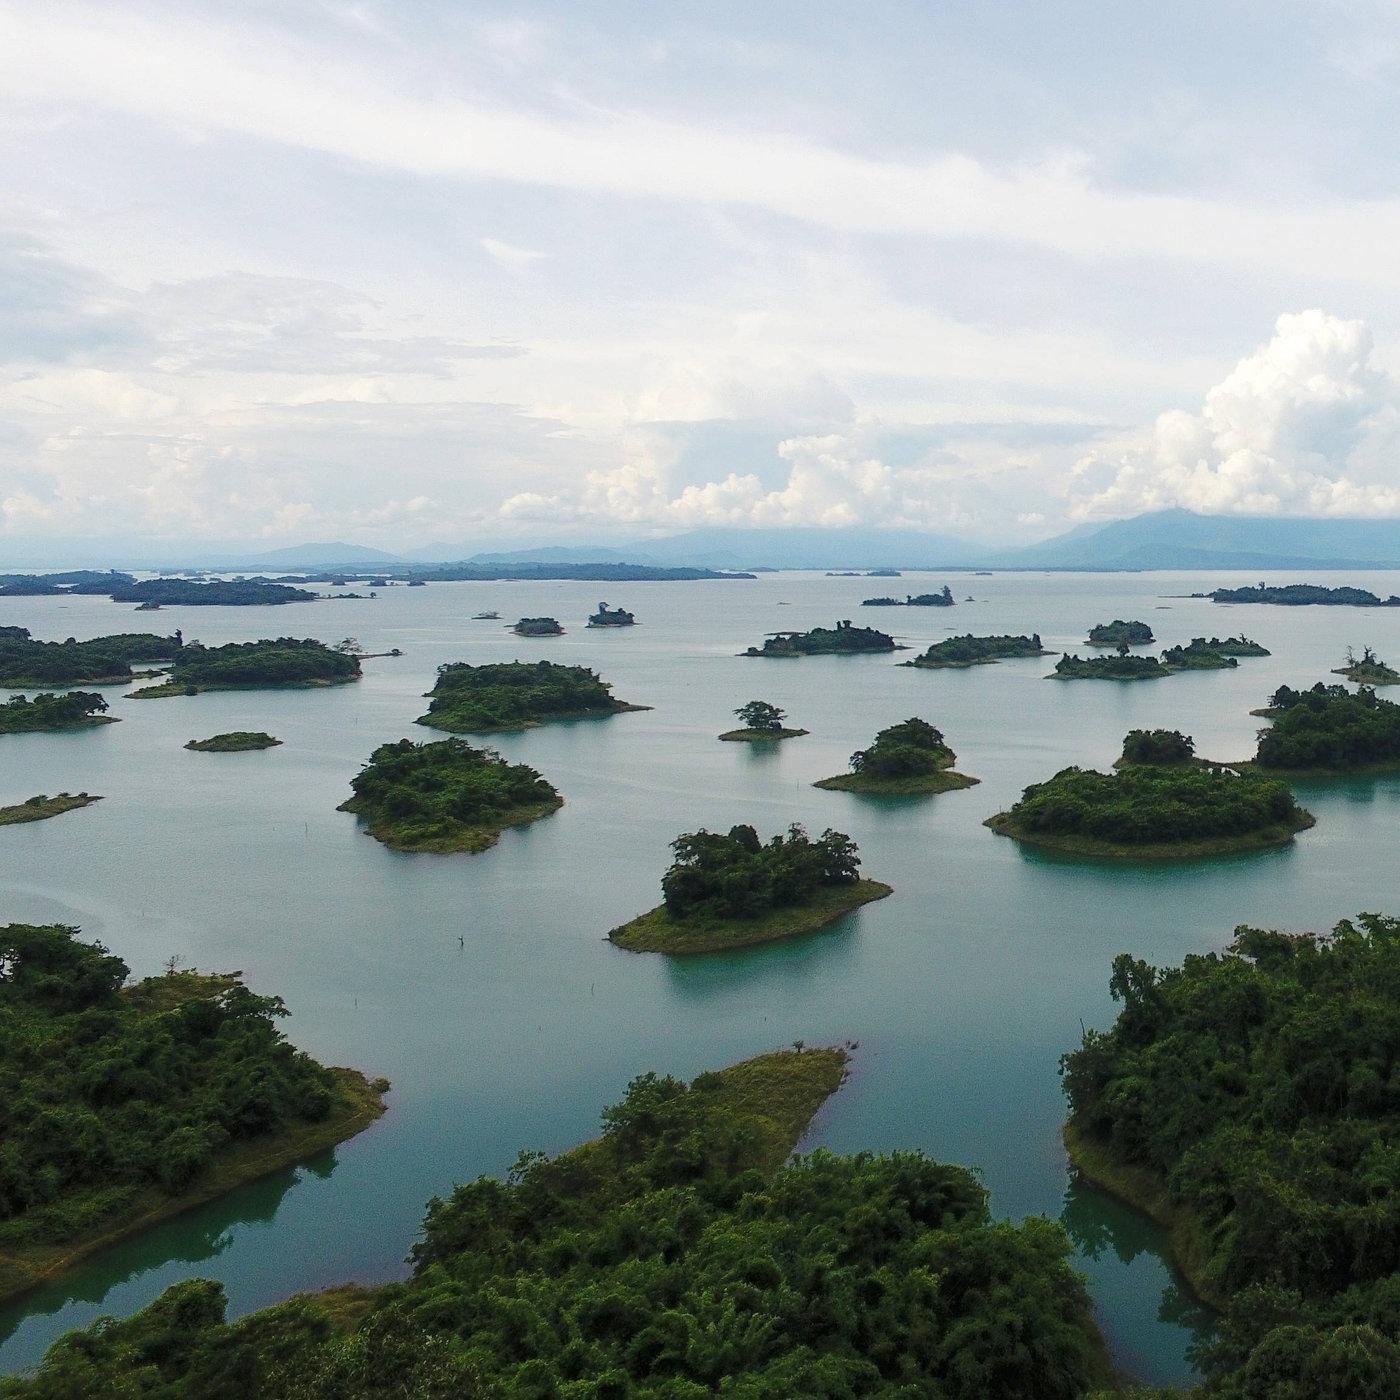 Mekong Umweltschutz Mekong Flüsse Und Seen Natur Planet Wissen